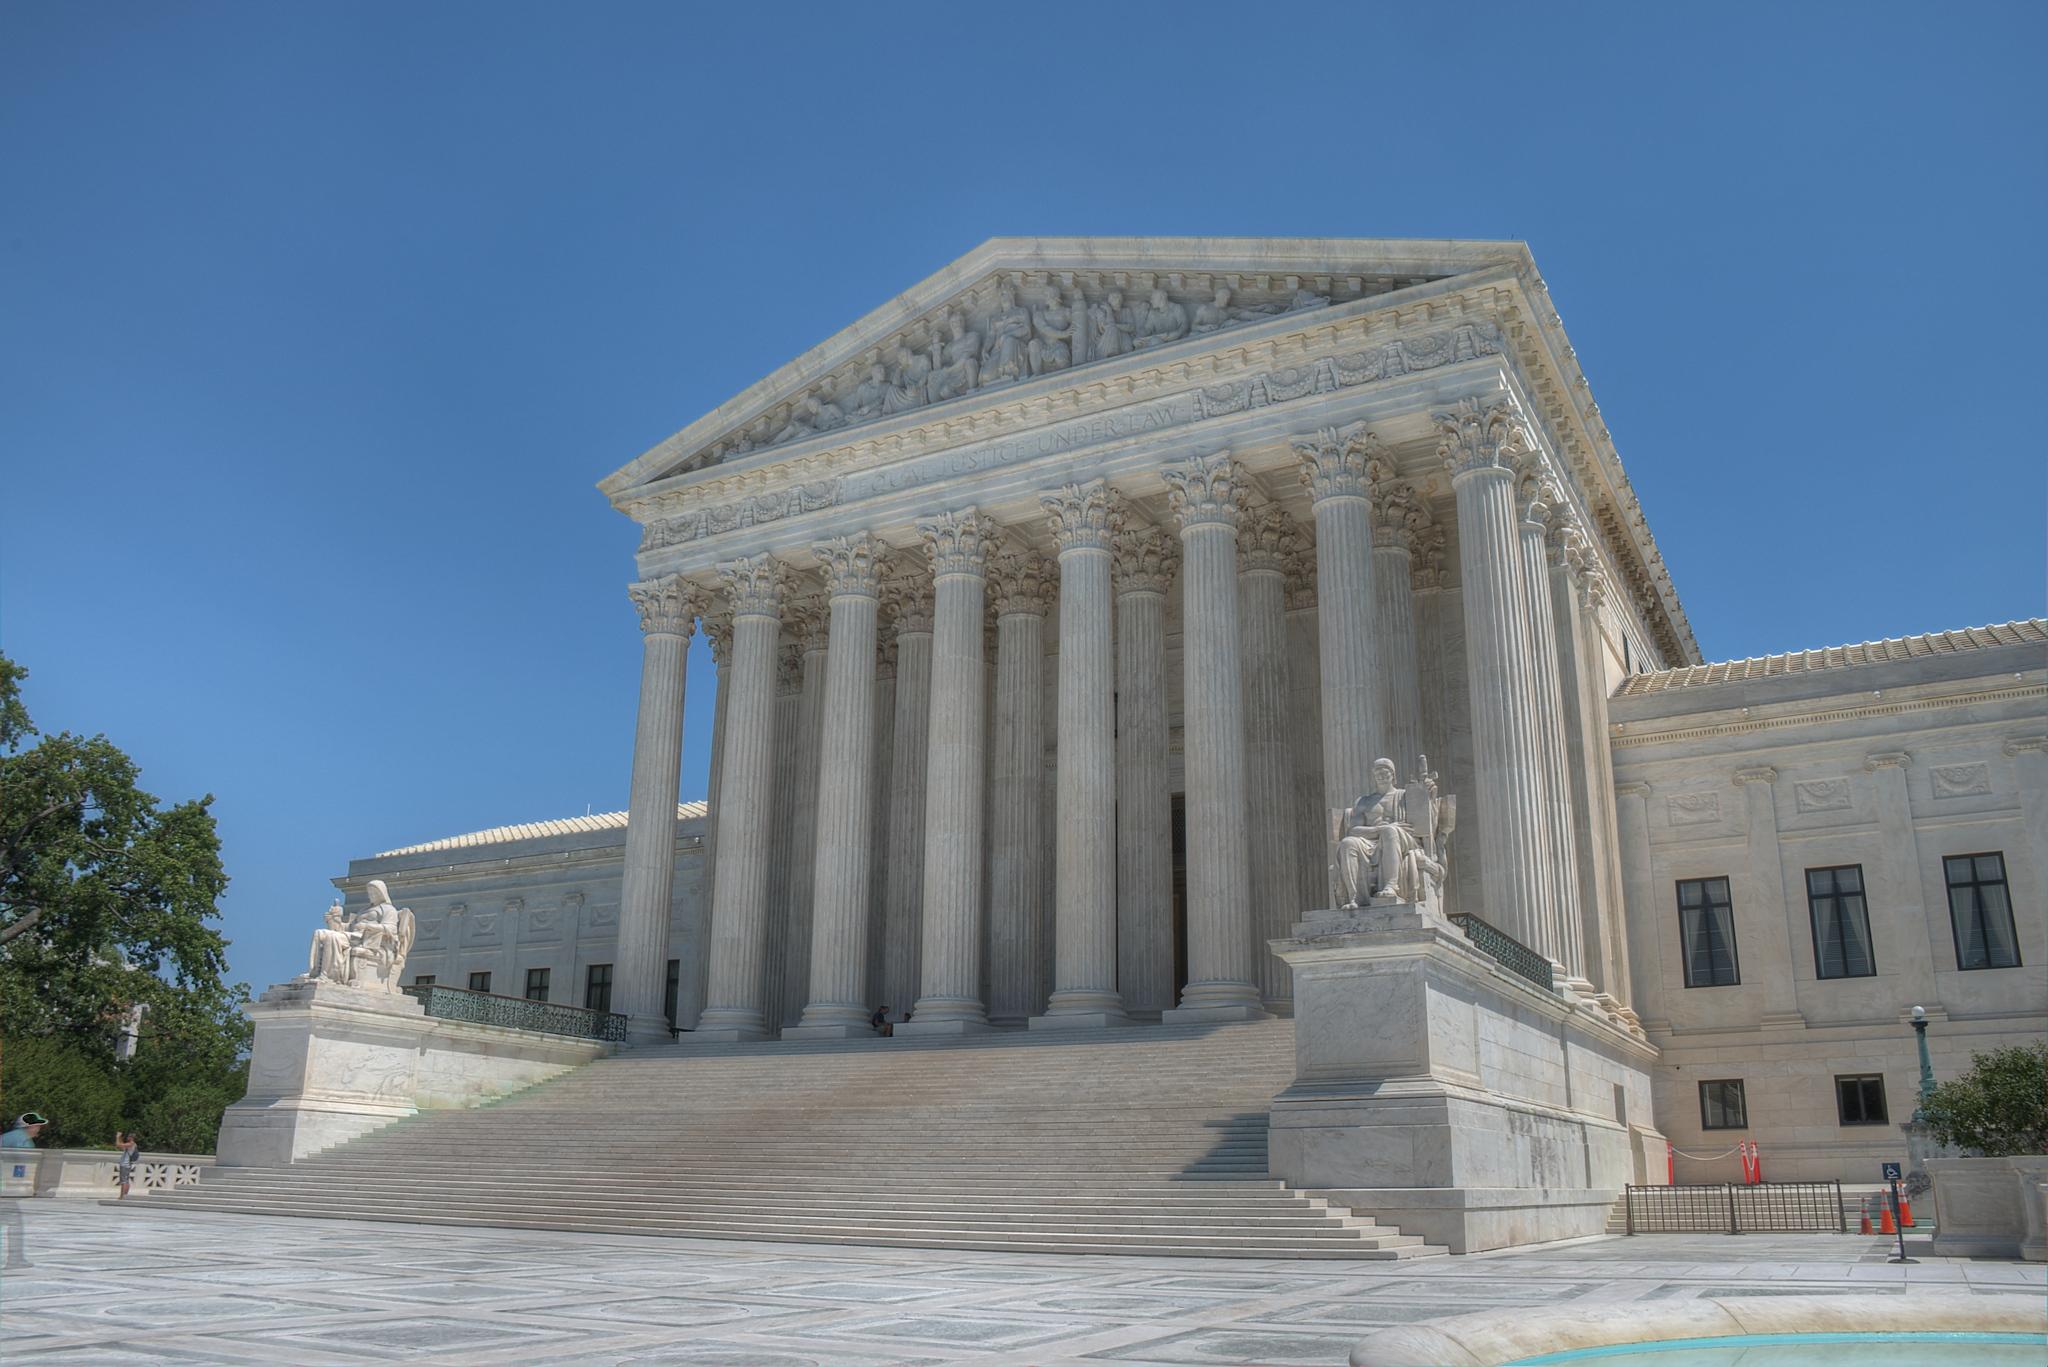 File:15-23-0154, Supreme Court - panoramio.jpg - Wikimedia Commons